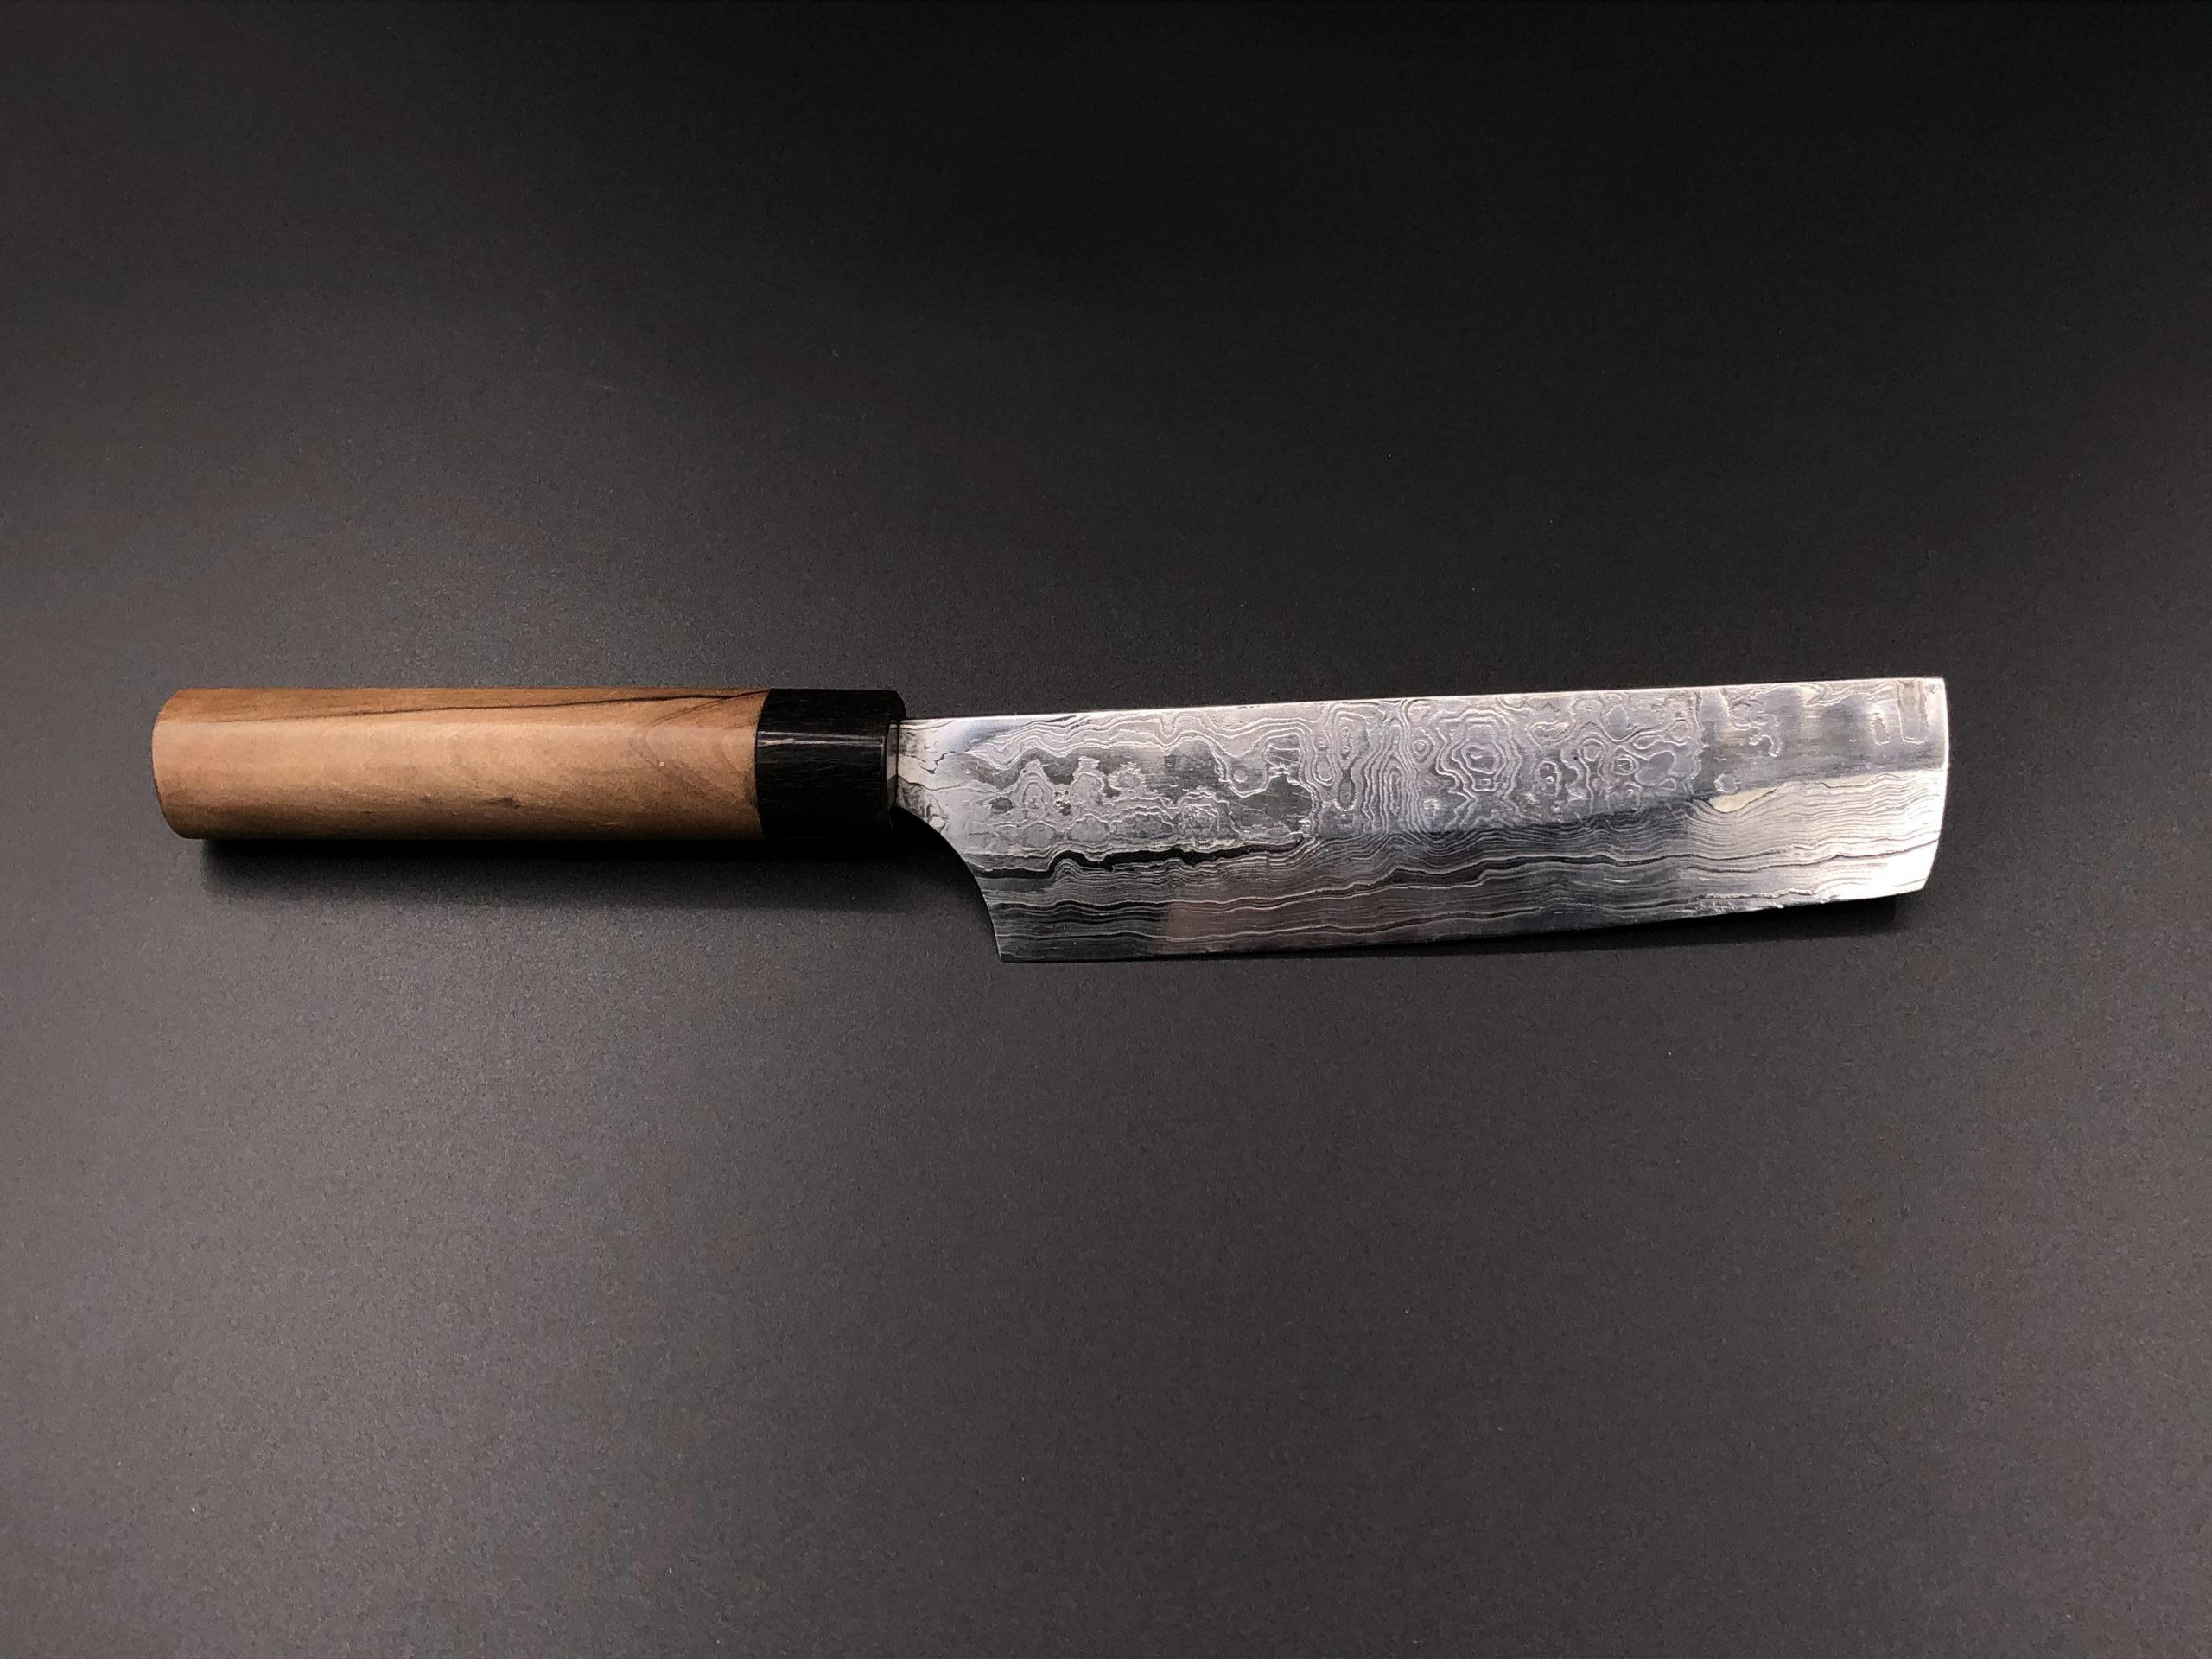 Japanisches Kuechenmesser aus 120 Lagen Damast mit Griff aus Eibe und Geweih